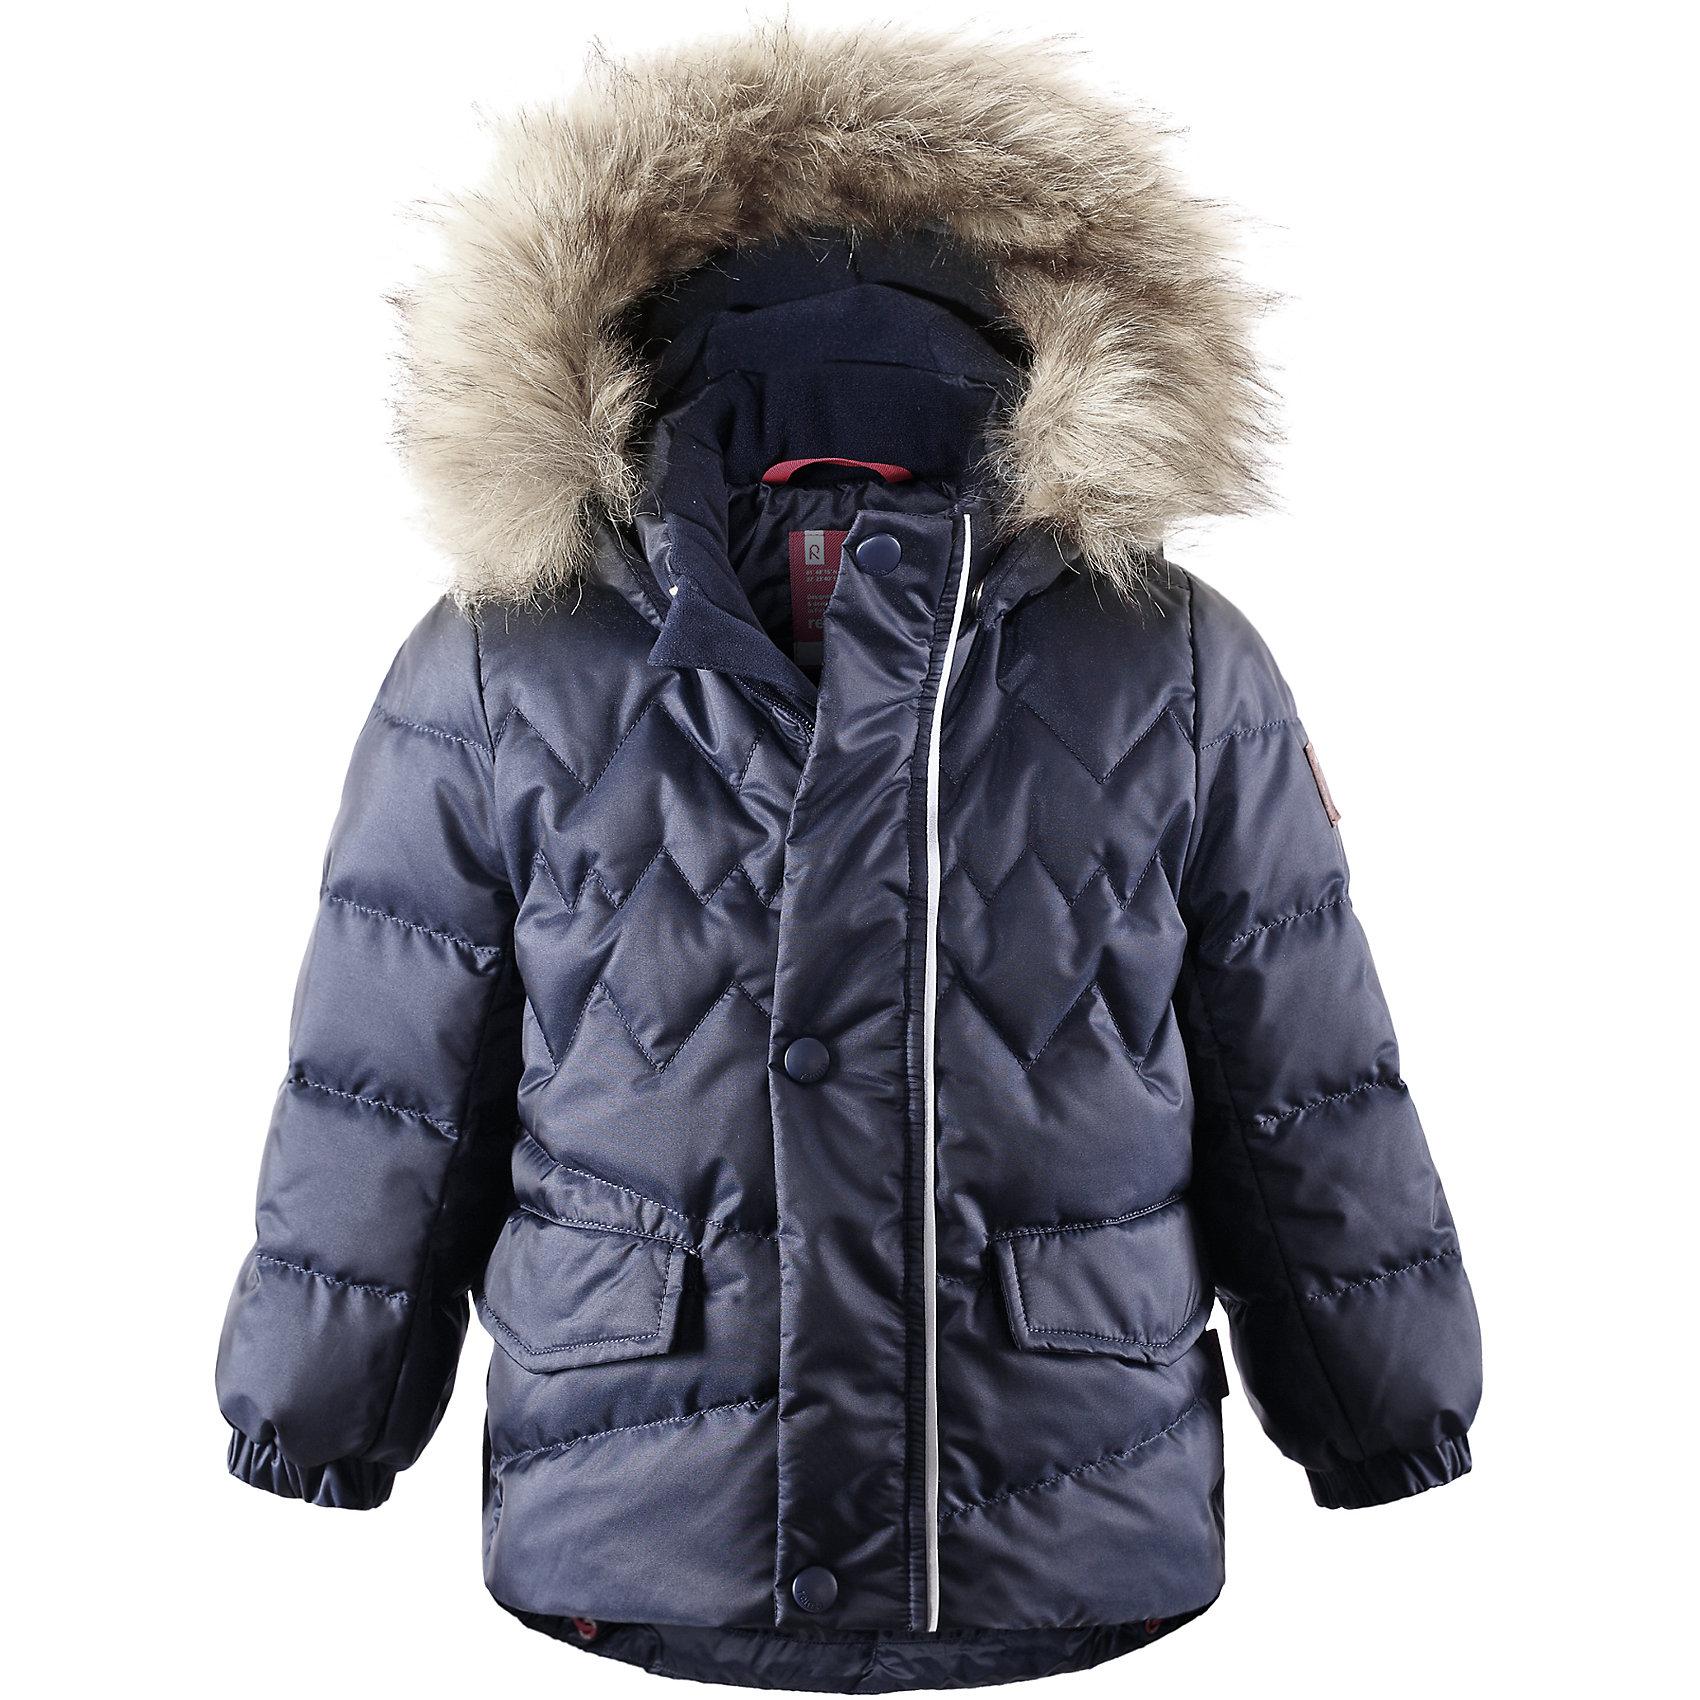 Куртка Hoppu для мальчика ReimaВерхняя одежда<br>Куртка для мальчика Reima<br>Пуховая куртка для малышей. Водоотталкивающий, ветронепроницаемый, «дышащий» и грязеотталкивающий материал. Гладкая подкладка из полиэстра. В качестве утеплителя использованы пух и перо (60%/40%). Безопасный съемный капюшон с отсоединяемой меховой каймой из искусственного меха. Эластичные манжеты. Регулируемый подол. Два кармана с клапанами. Безопасные светоотражающие детали. Петля для дополнительных светоотражающих деталей.<br>Уход:<br>Стирать по отдельности, вывернув наизнанку. Перед стиркой отстегните искусственный мех. Застегнуть молнии и липучки. Стирать моющим средством, не содержащим отбеливающие вещества. Полоскать без специального средства. Во избежание изменения цвета изделие необходимо вынуть из стиральной машинки незамедлительно после окончания программы стирки. Барабанное сушение при низкой температуре с 3 теннисными мячиками. Выверните изделие наизнанку в середине сушки.<br>Состав:<br>65% Полиамид, 35% Полиэстер, полиуретановое покрытие<br><br>Ширина мм: 356<br>Глубина мм: 10<br>Высота мм: 245<br>Вес г: 519<br>Цвет: синий<br>Возраст от месяцев: 6<br>Возраст до месяцев: 9<br>Пол: Мужской<br>Возраст: Детский<br>Размер: 74,86,98,92,80<br>SKU: 4776088